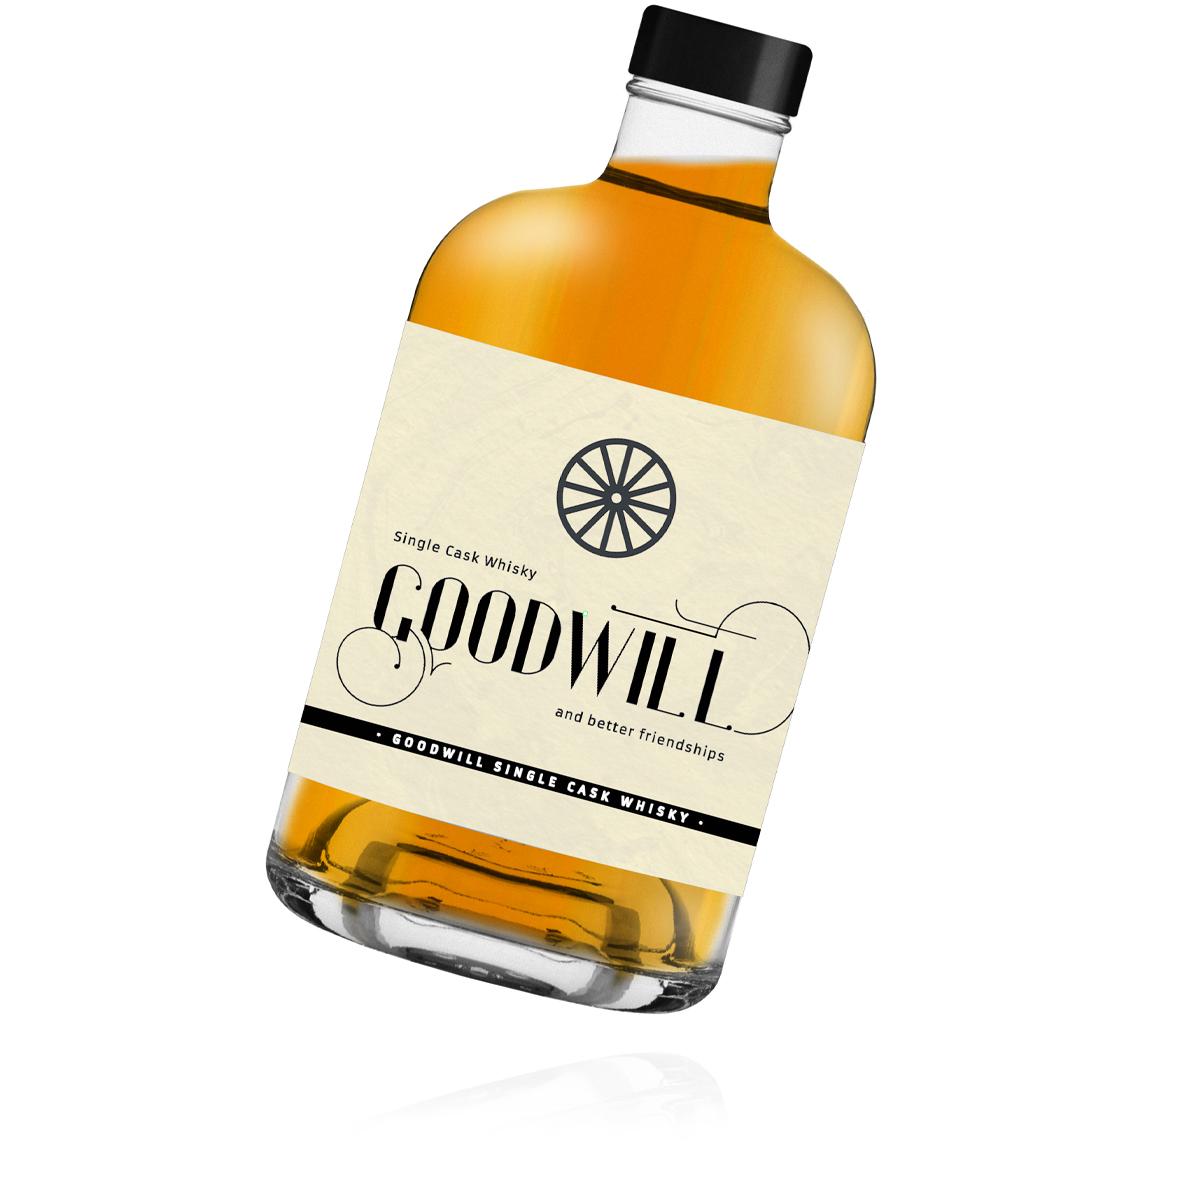 Flasche Goodwill Single Cask Whisky - Goodwill Spirits